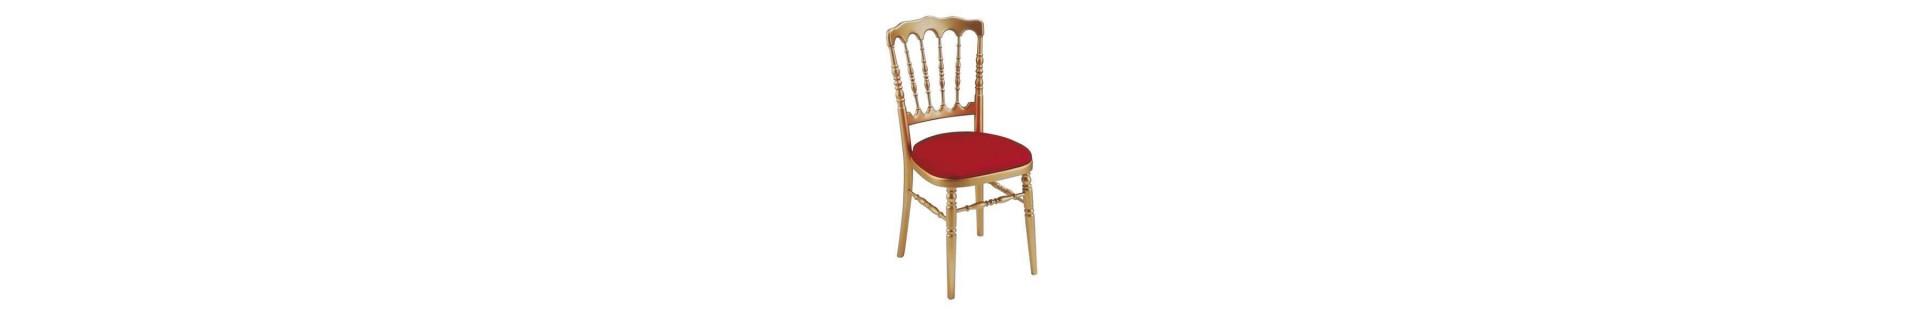 chaise napoléon : housses de chaises